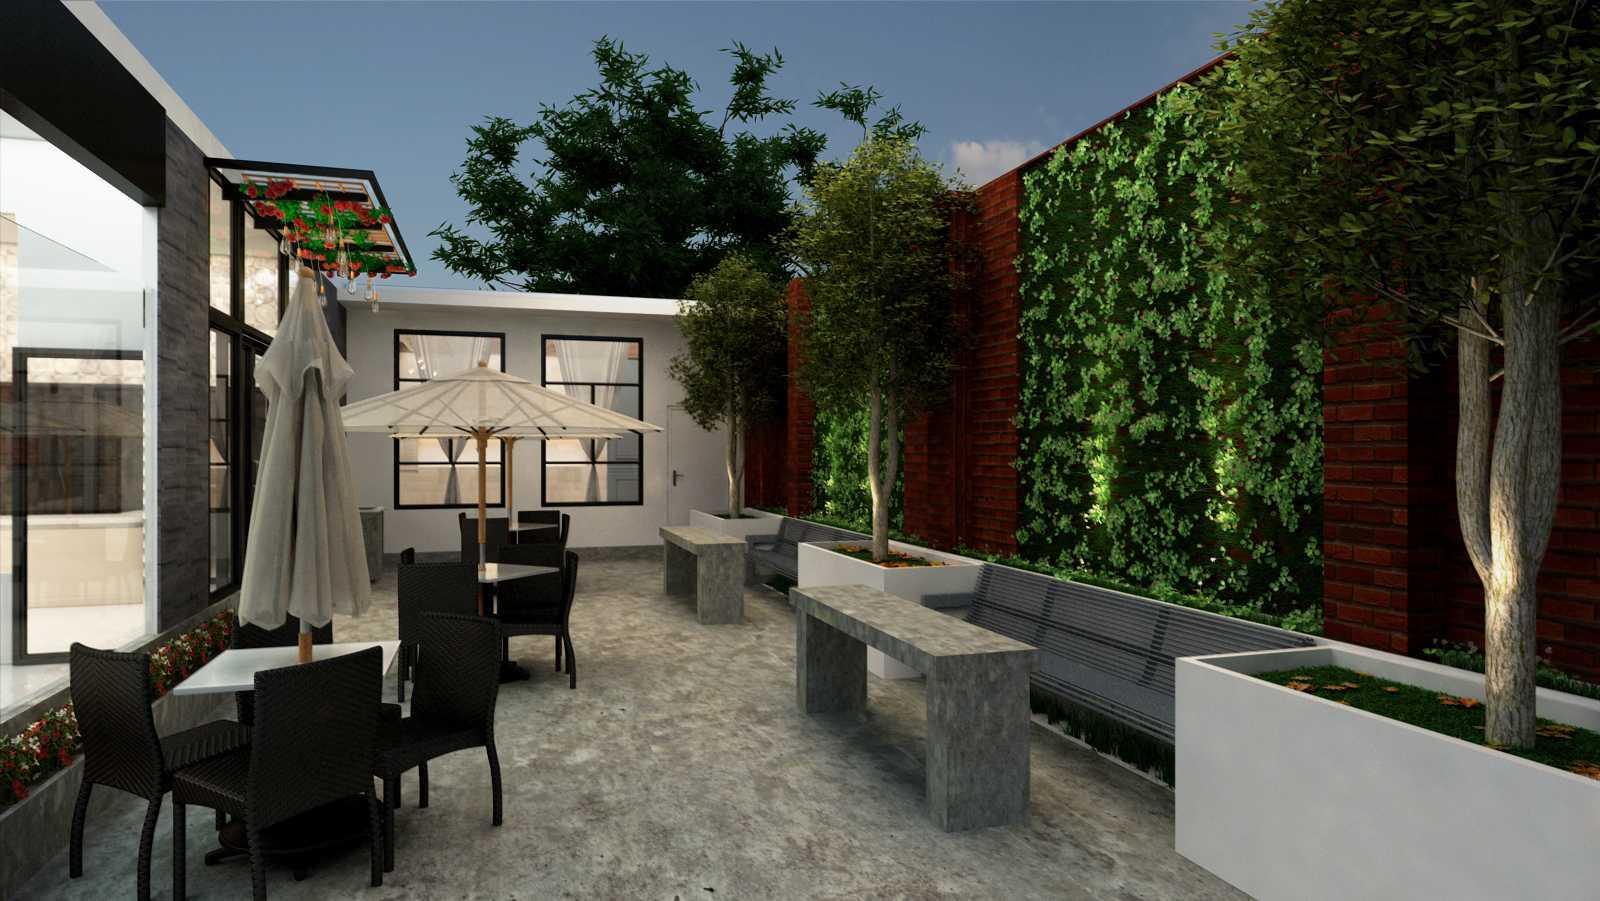 Maxima Interior & Architect Studio Cafe Design Langsa, Langsa Kota, Kota Langsa, Aceh, Indonesia Langsa, Langsa Kota, Kota Langsa, Aceh, Indonesia Cafe Design - Exterior Kontemporer  42362